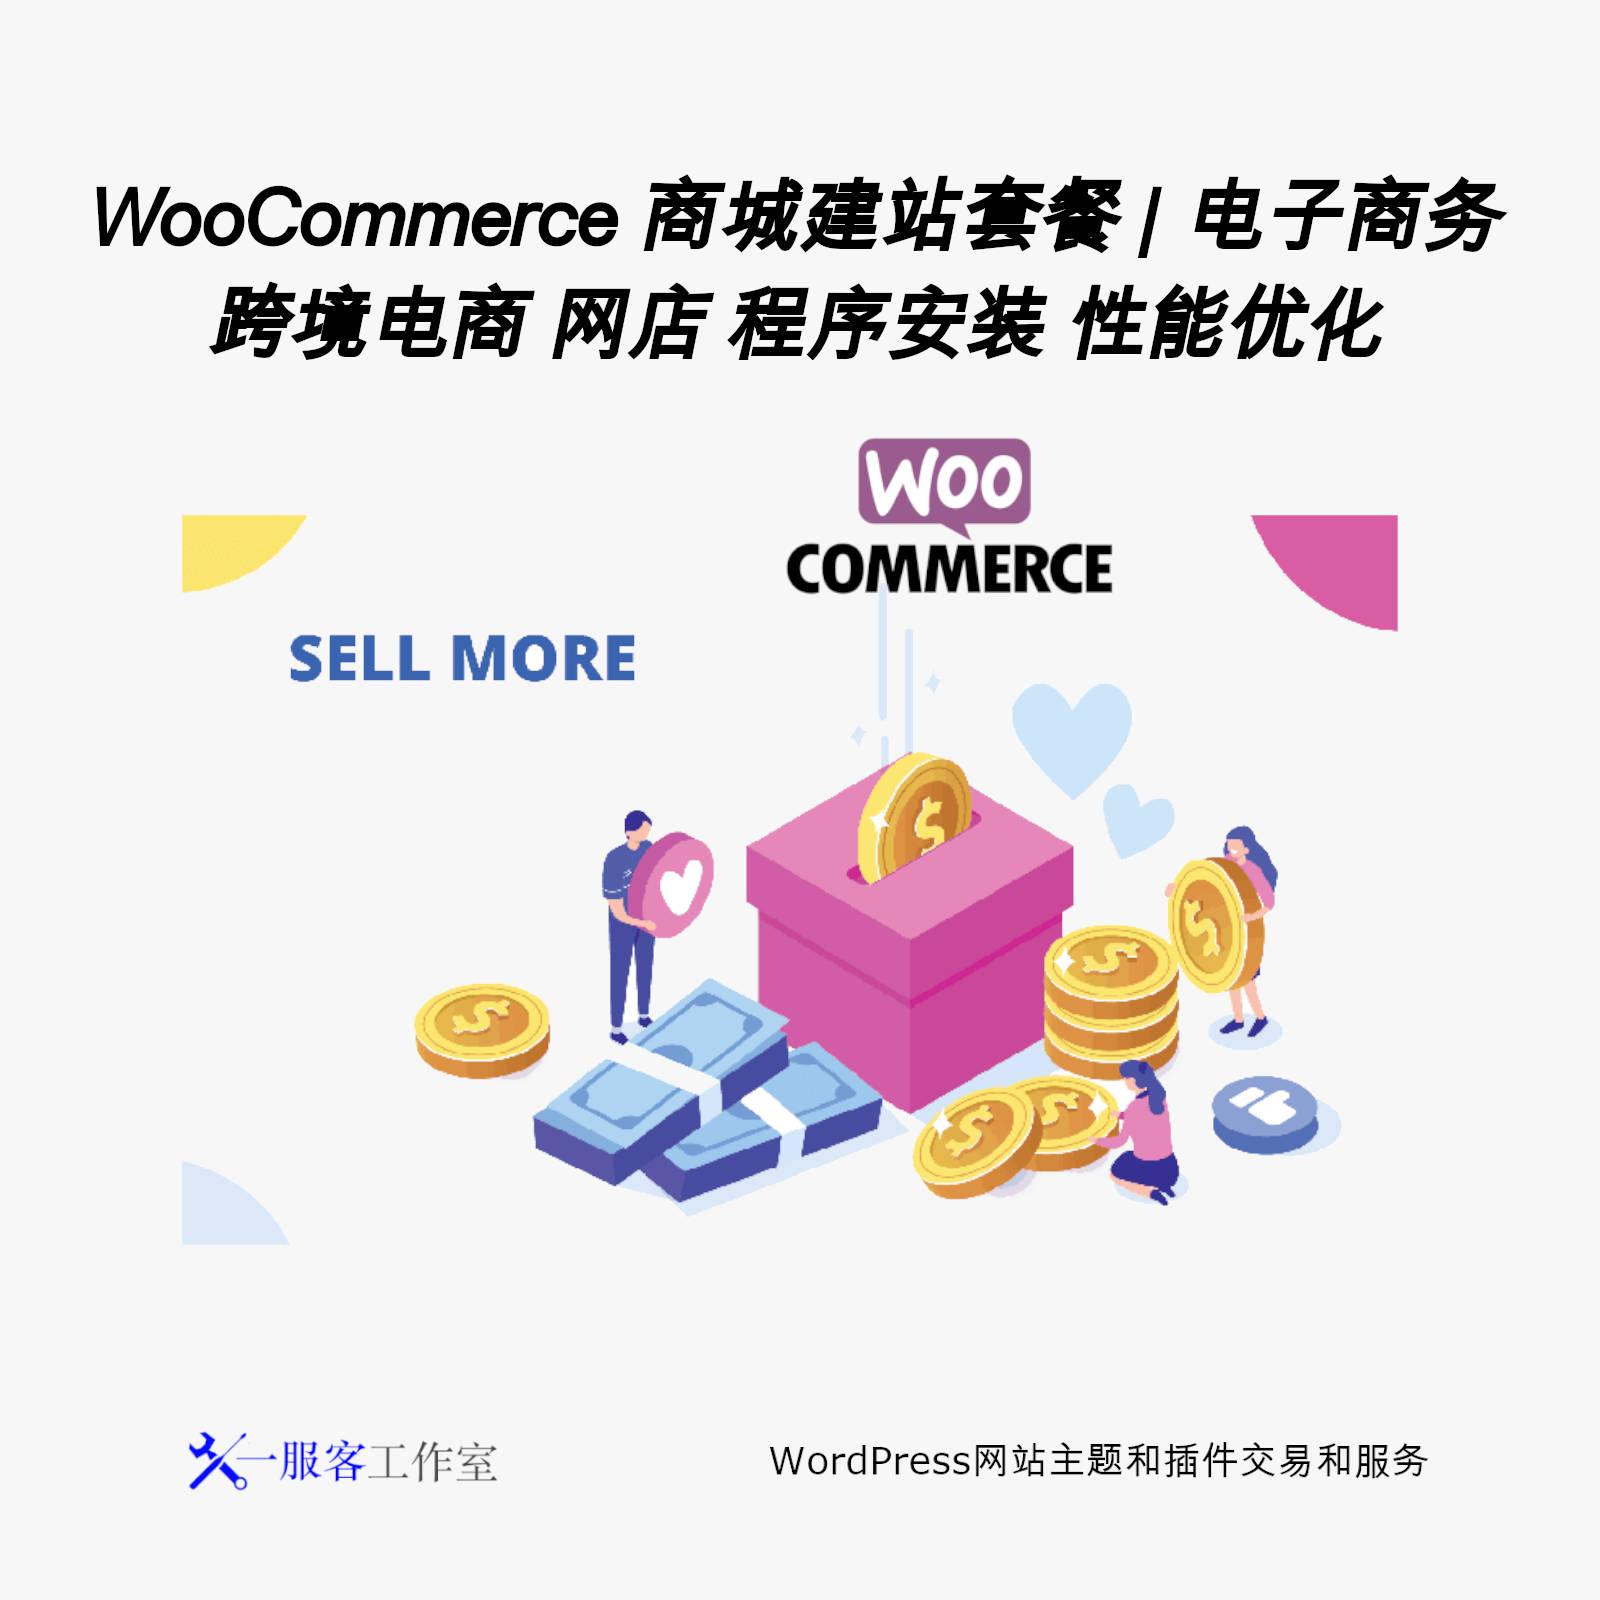 WooCommerce电子商务系统建站套餐部署   电子商务 跨境电商 网店 程序安装 性能优化